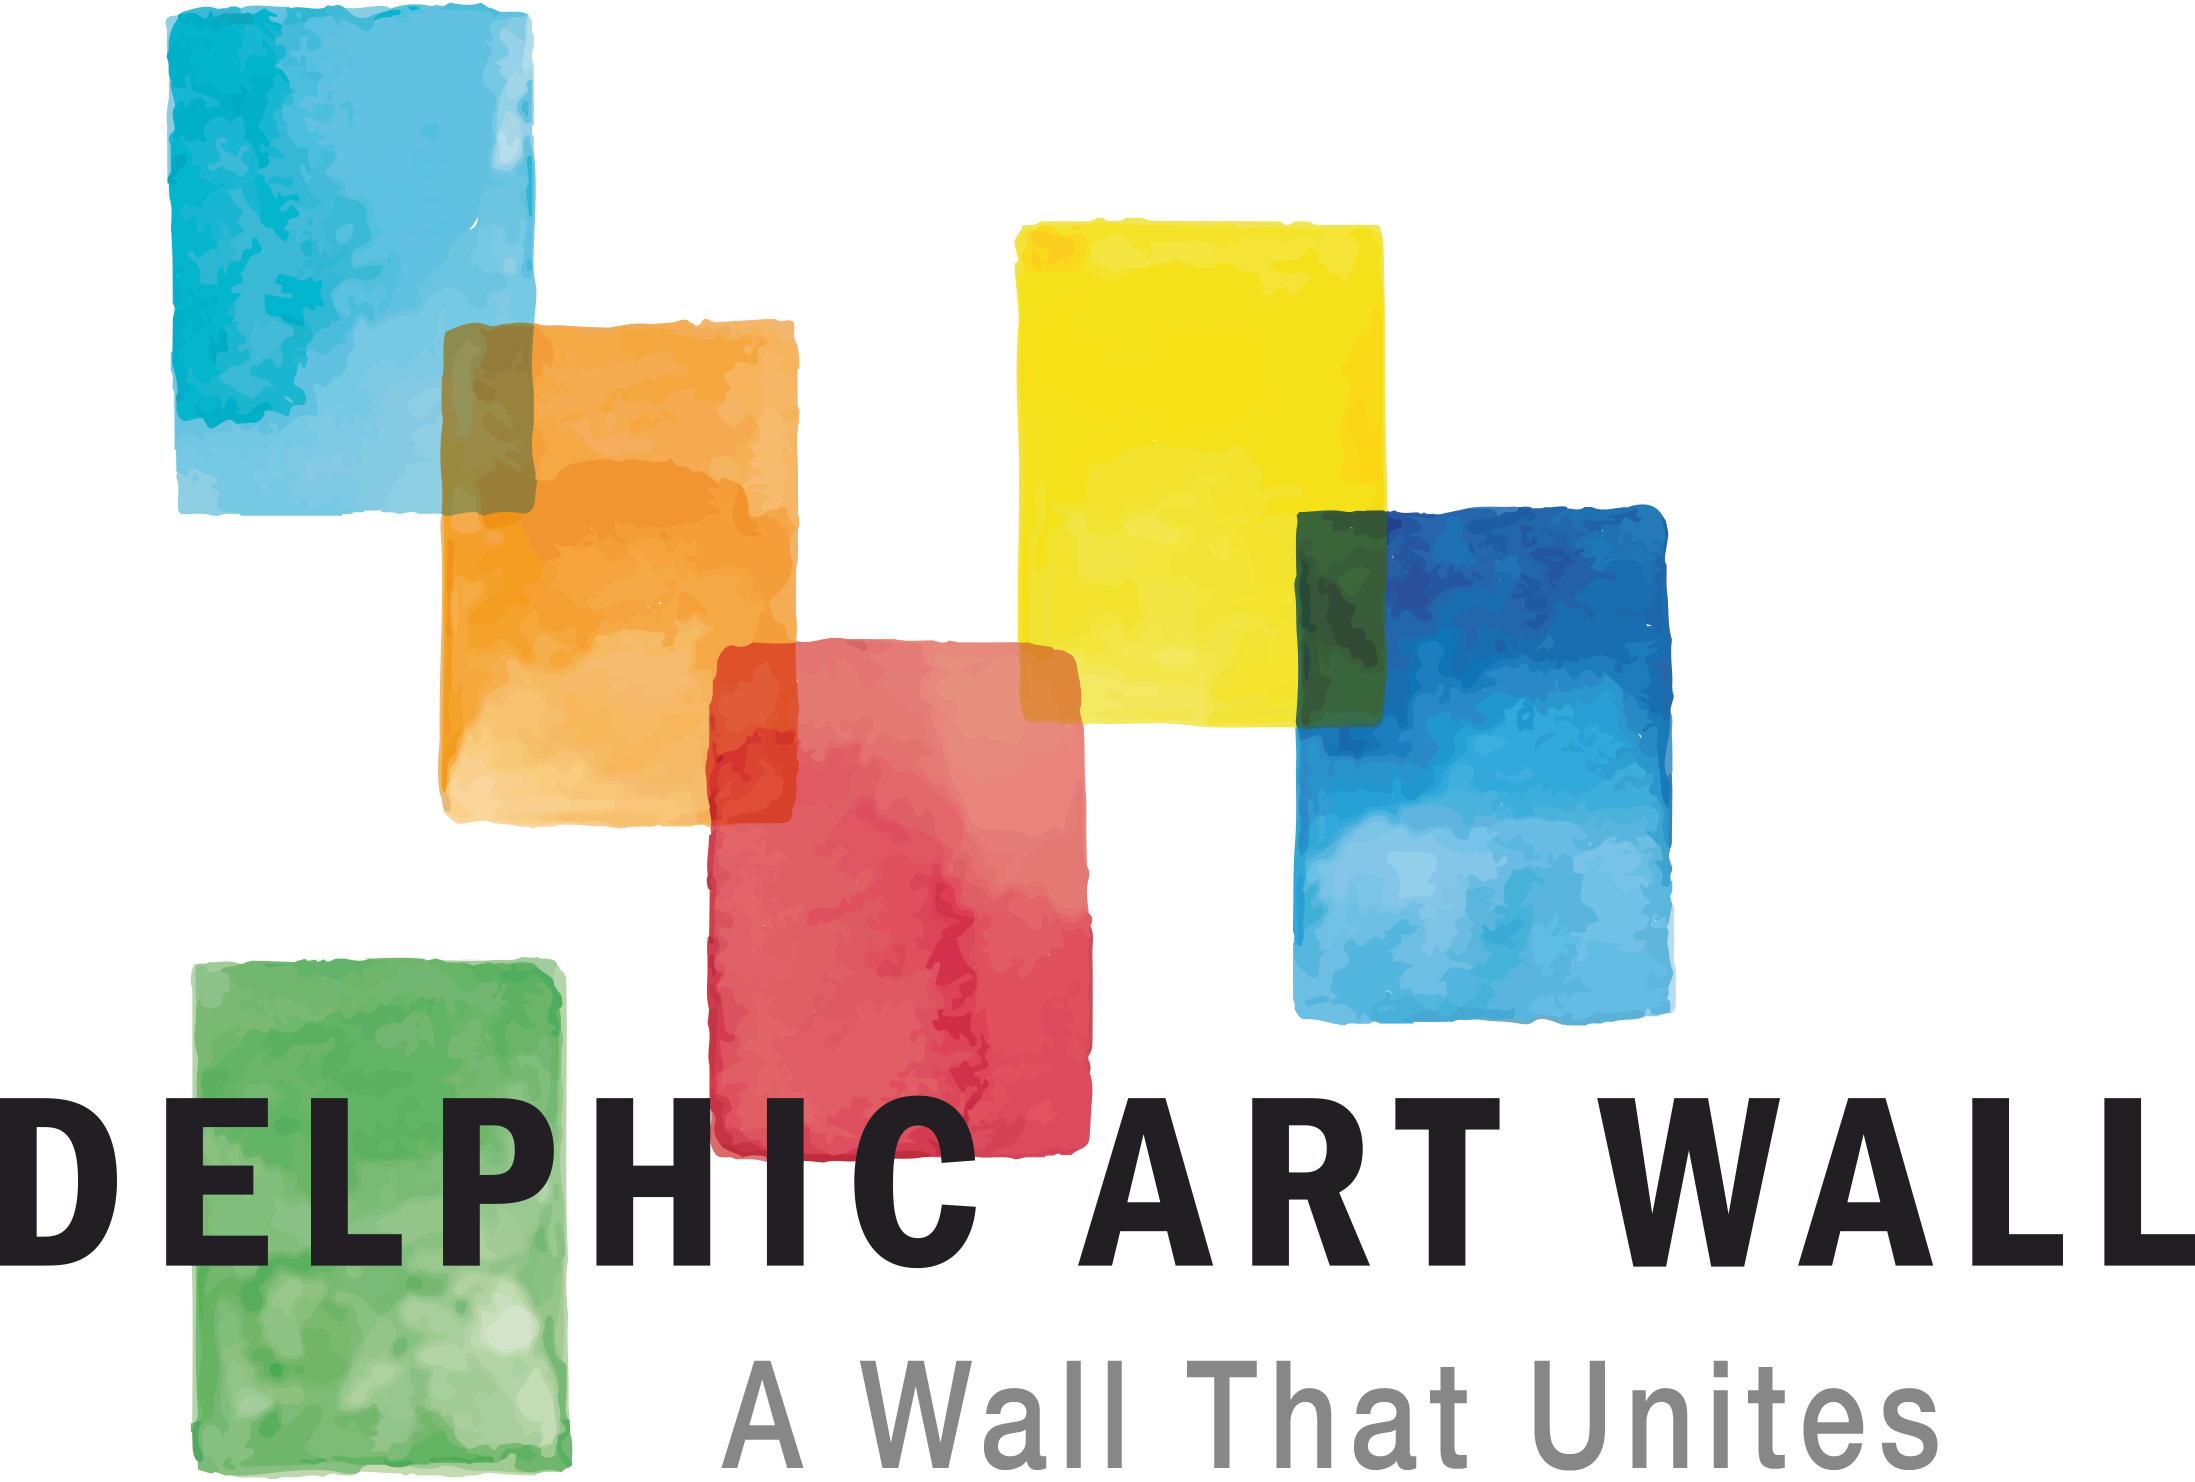 Delphic Art Wall